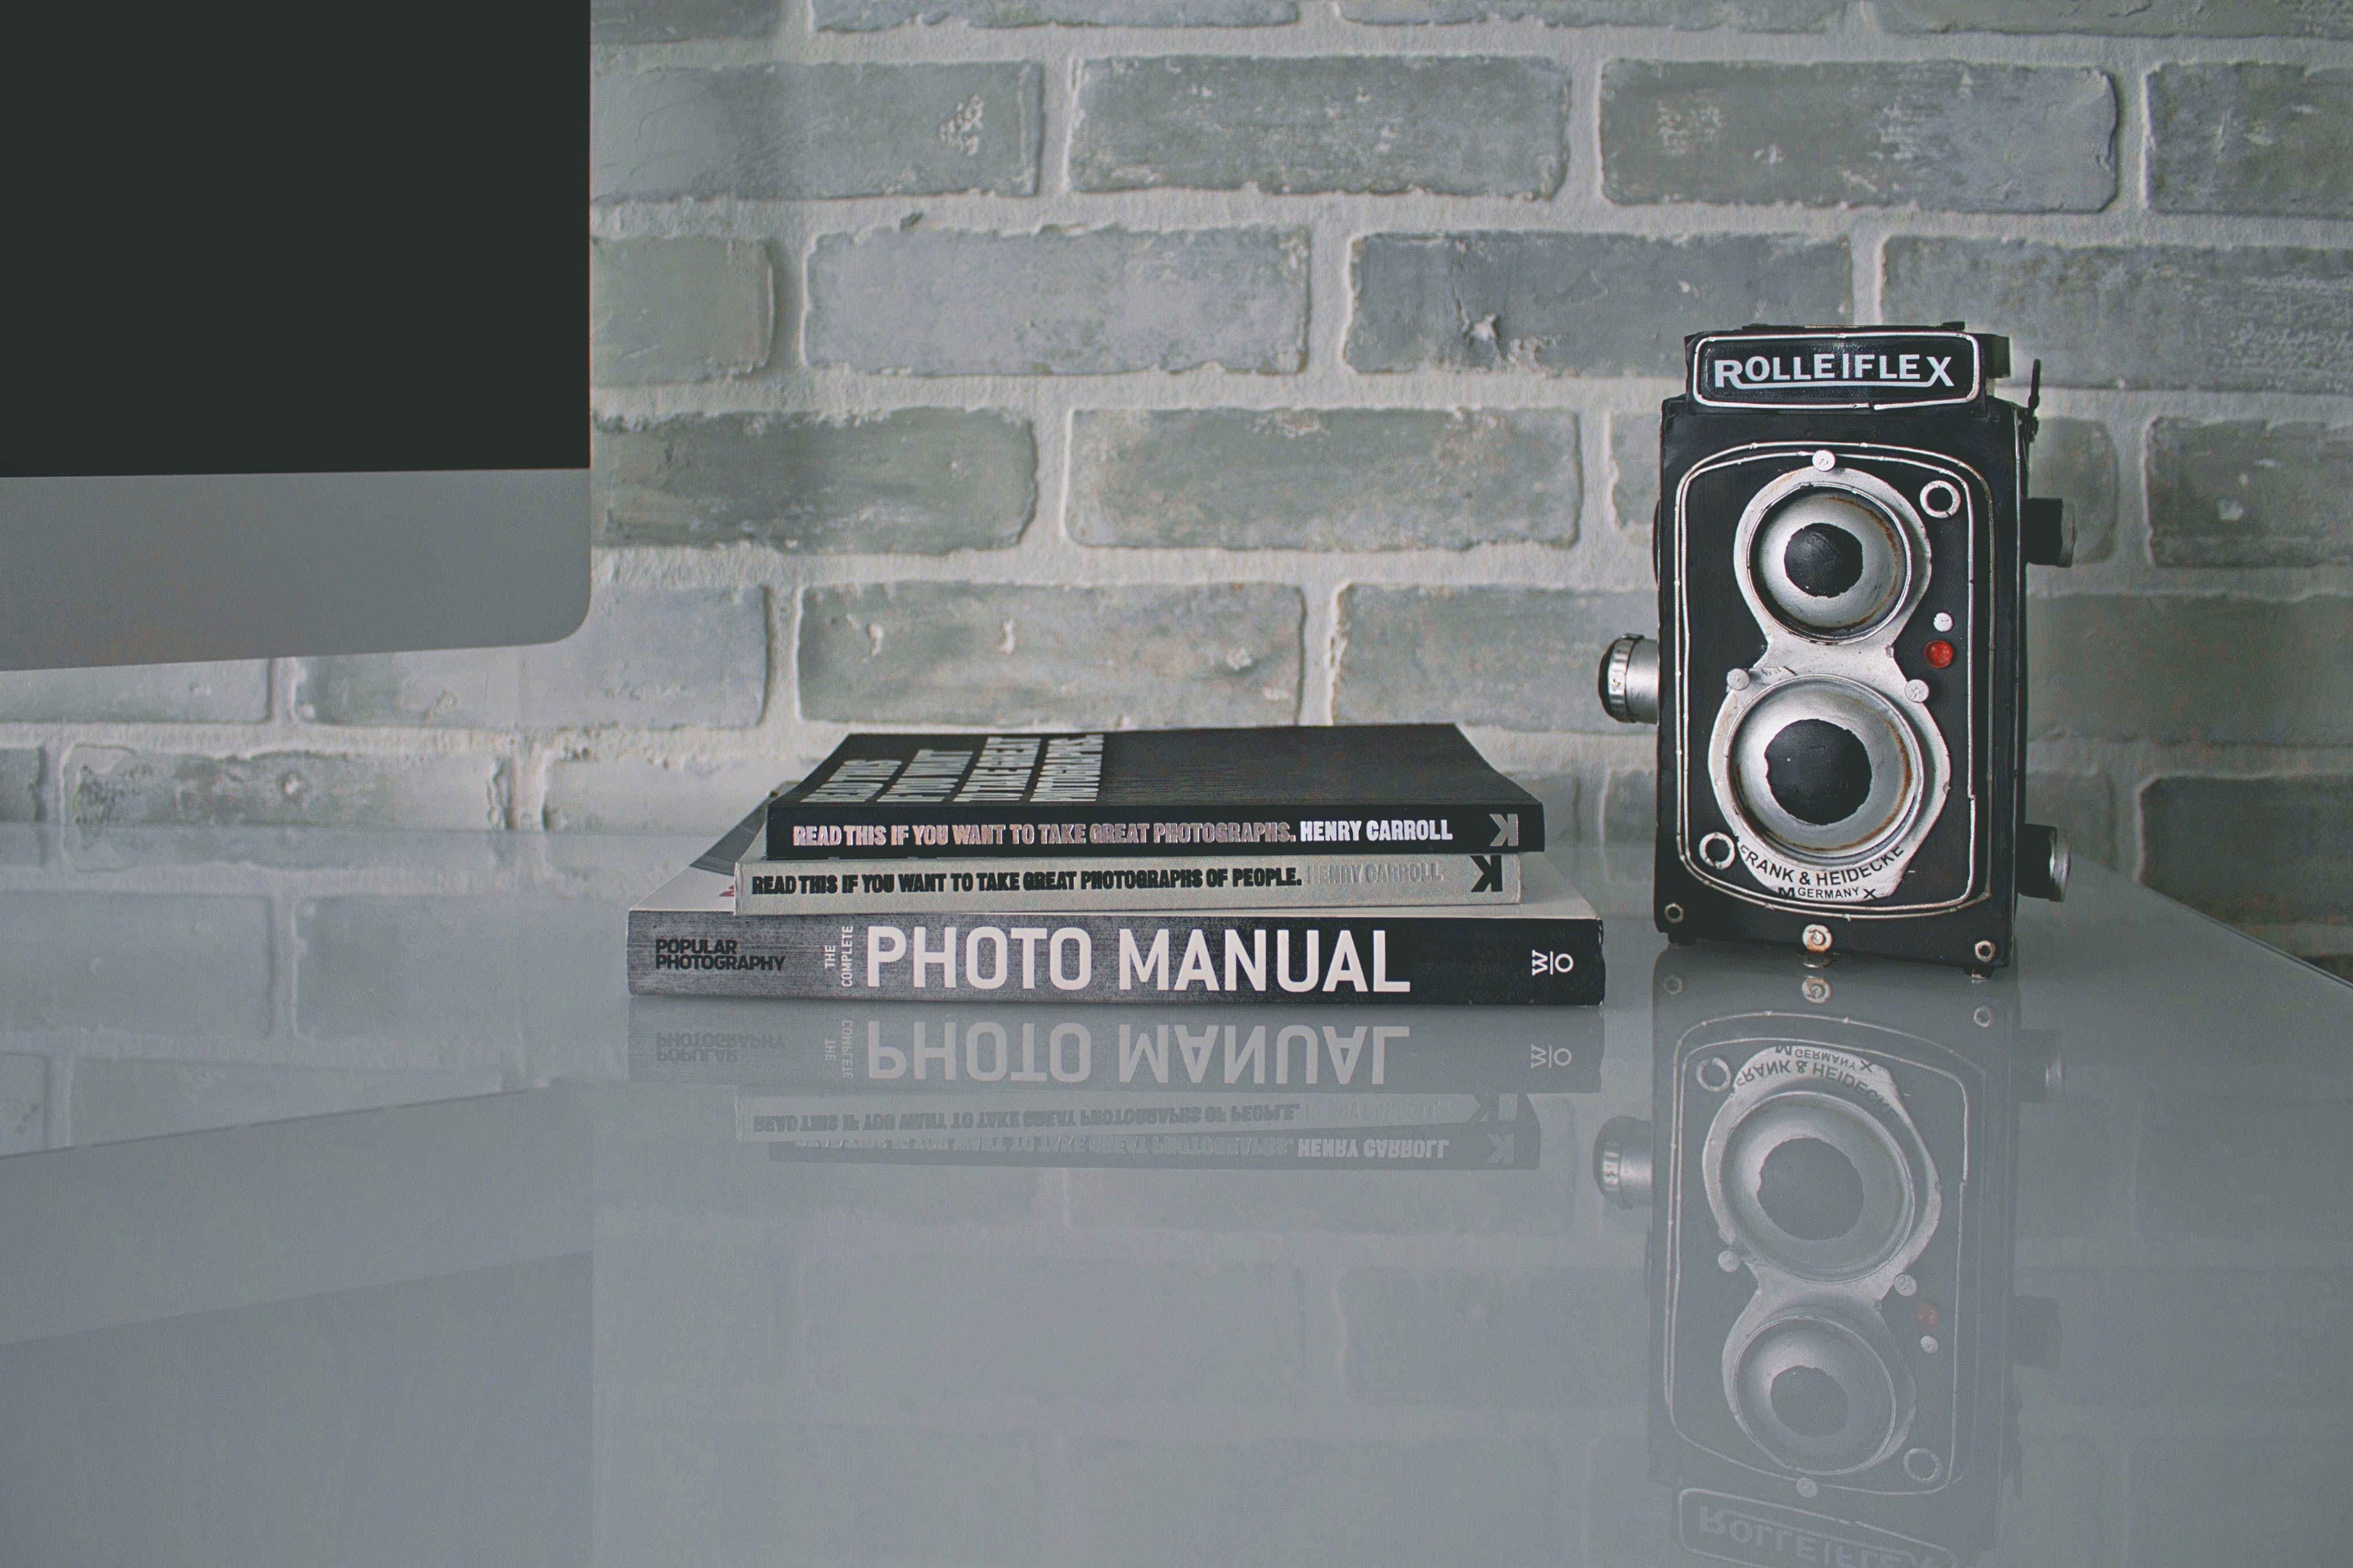 ausrüstung, bücher, kamera